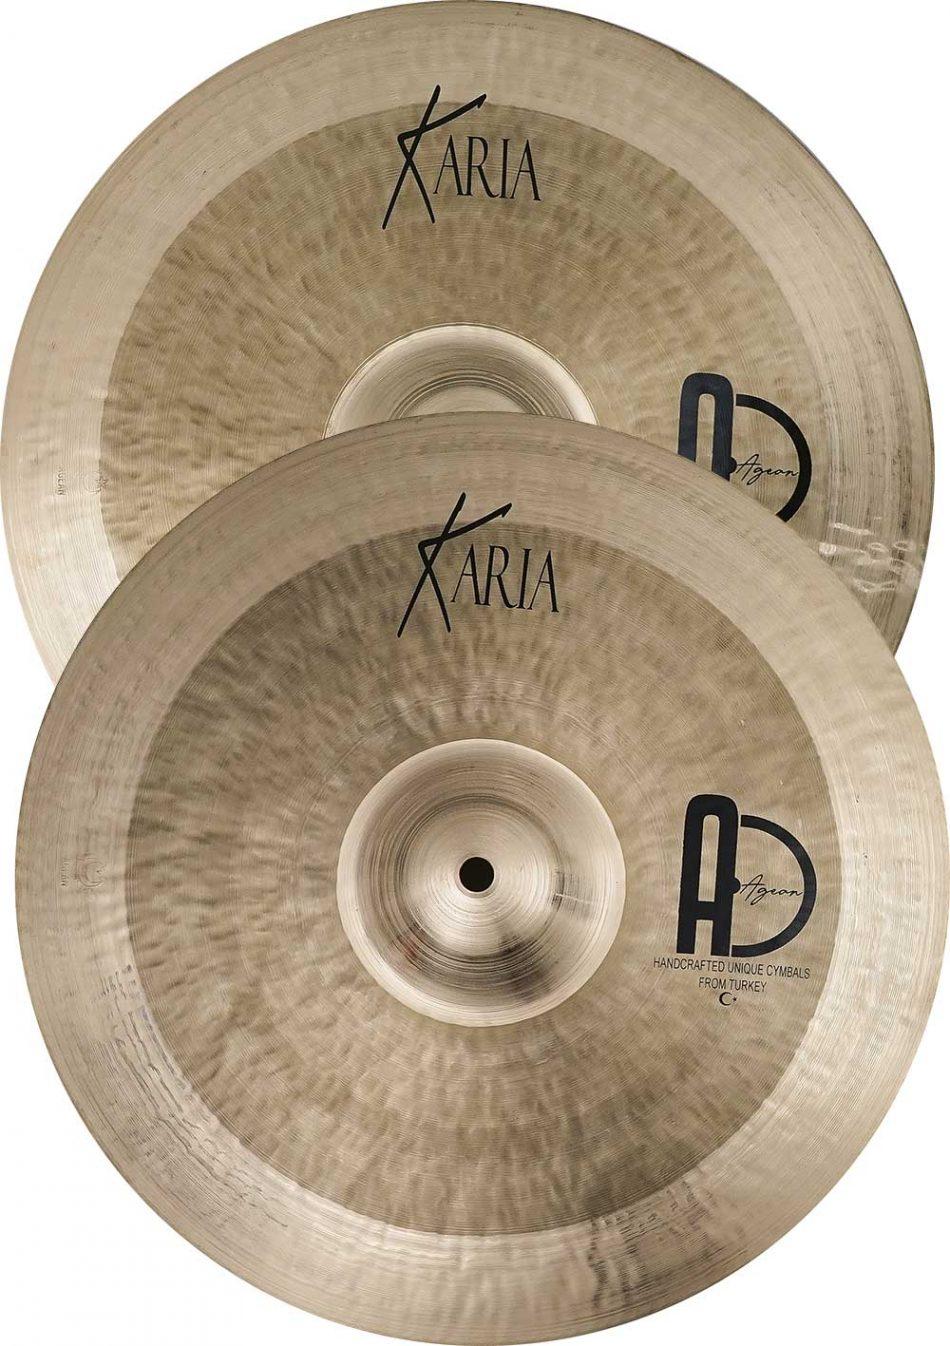 hi hat cymbals Karia Hi Hat 5 950x1346 - Hi-Hat Cymbals Karia